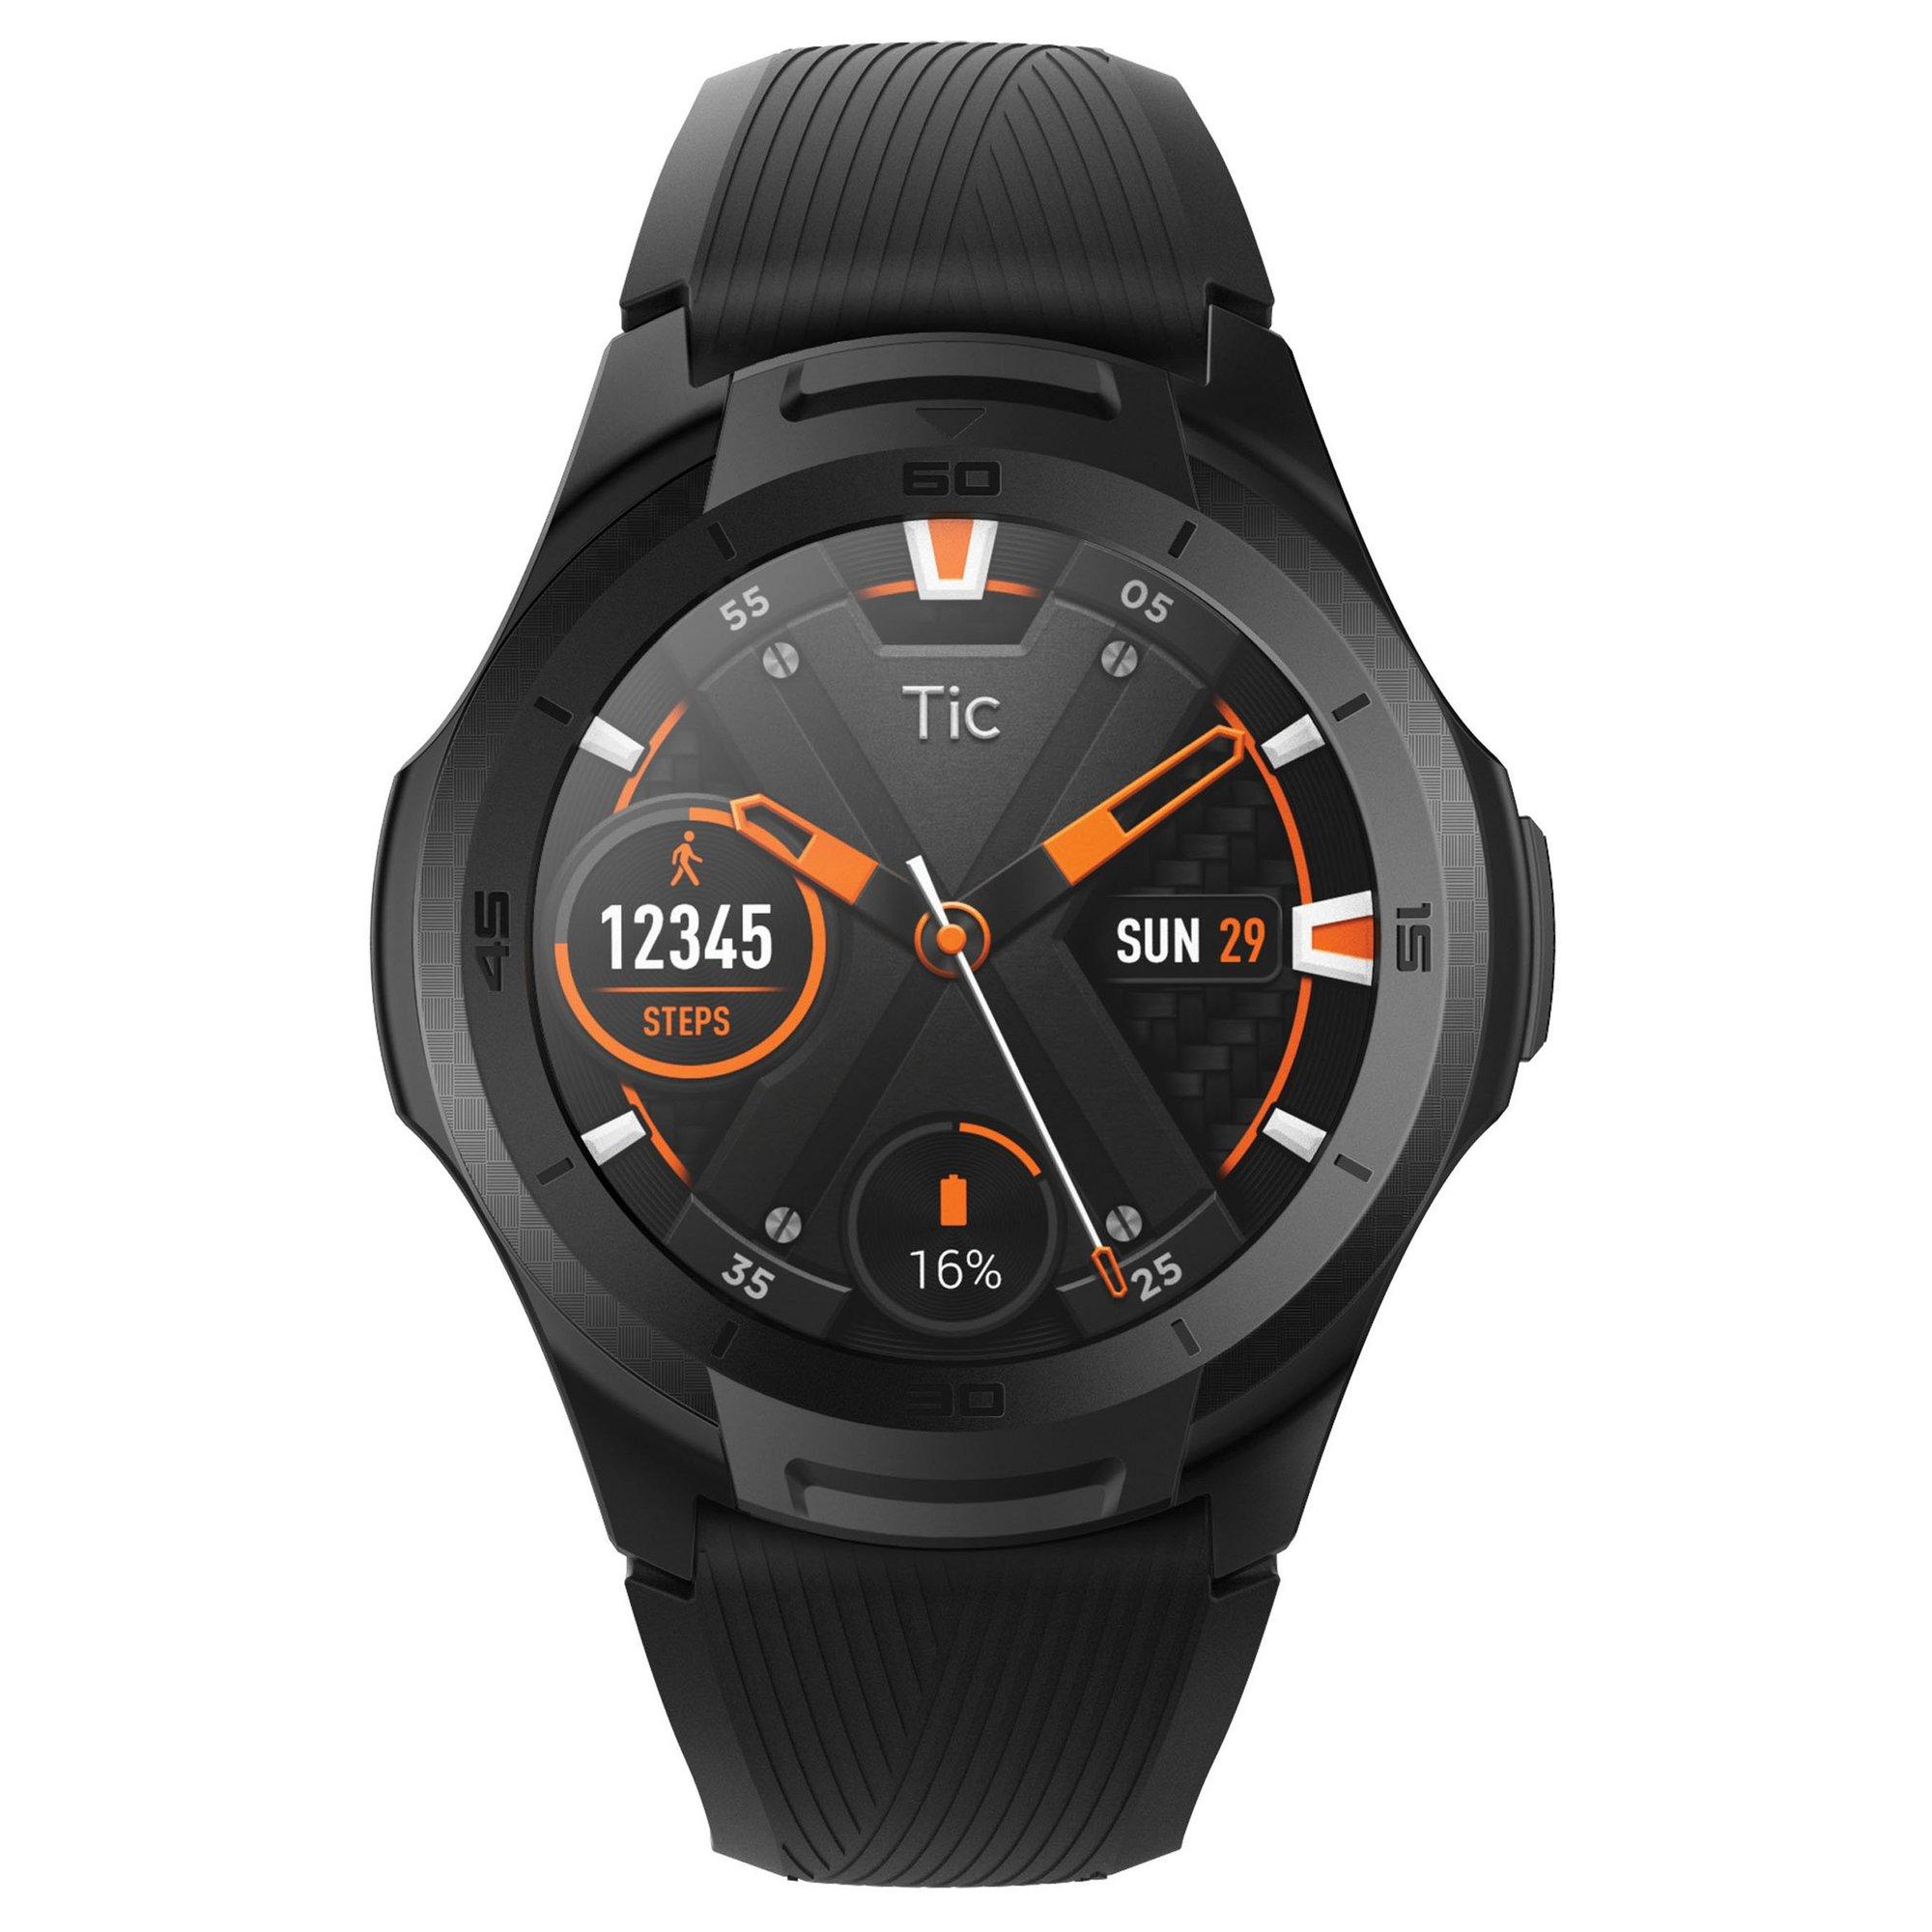 Image of Mobvoi TicWatch S2 Sport Smart Watch